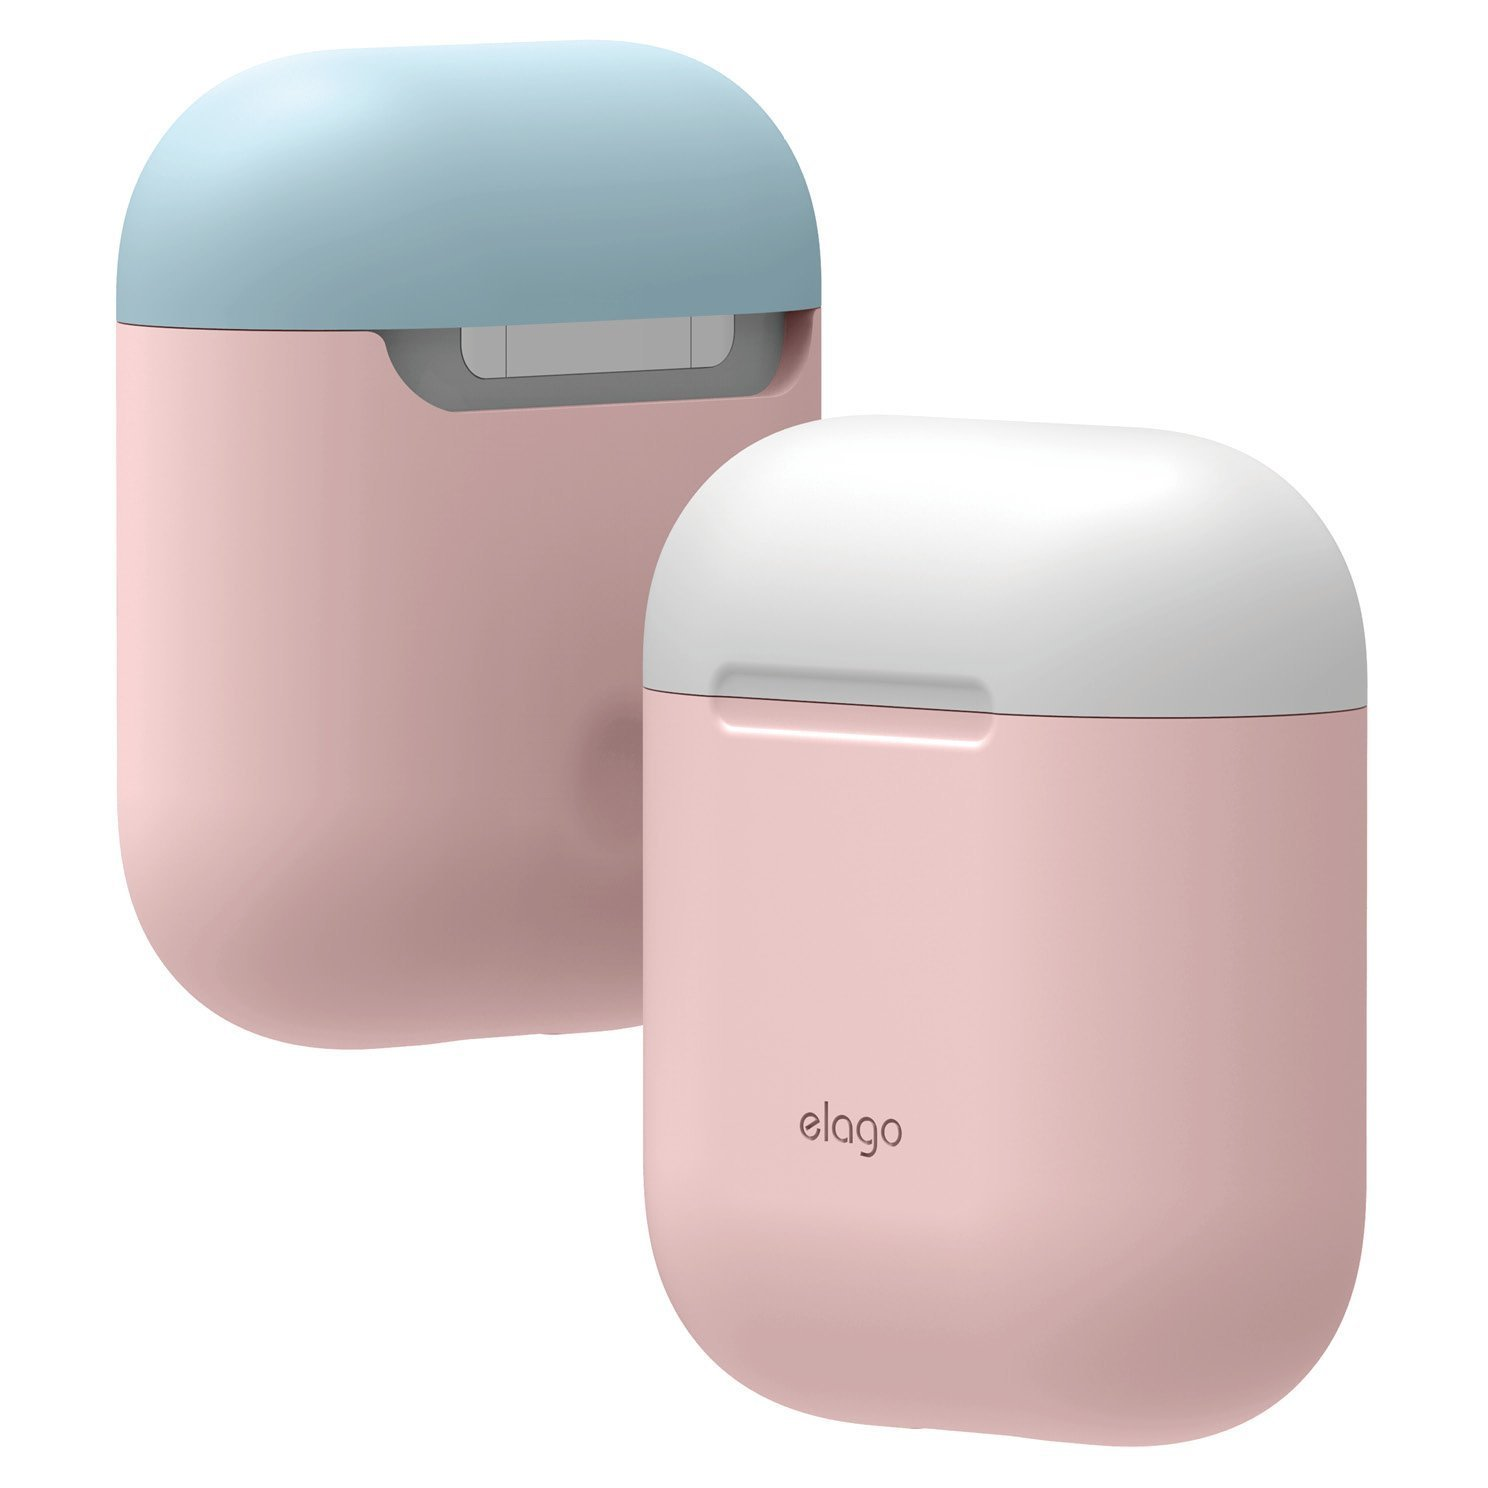 - LED anteriore Non Visibile elago Custodia Doppia Compatibile con Apple AirPods 1 /& 2 Funziona la Ricarica Wireless - Con Due Cappucci Colorati Diversi Lavanda//Blu pastello, Rosa